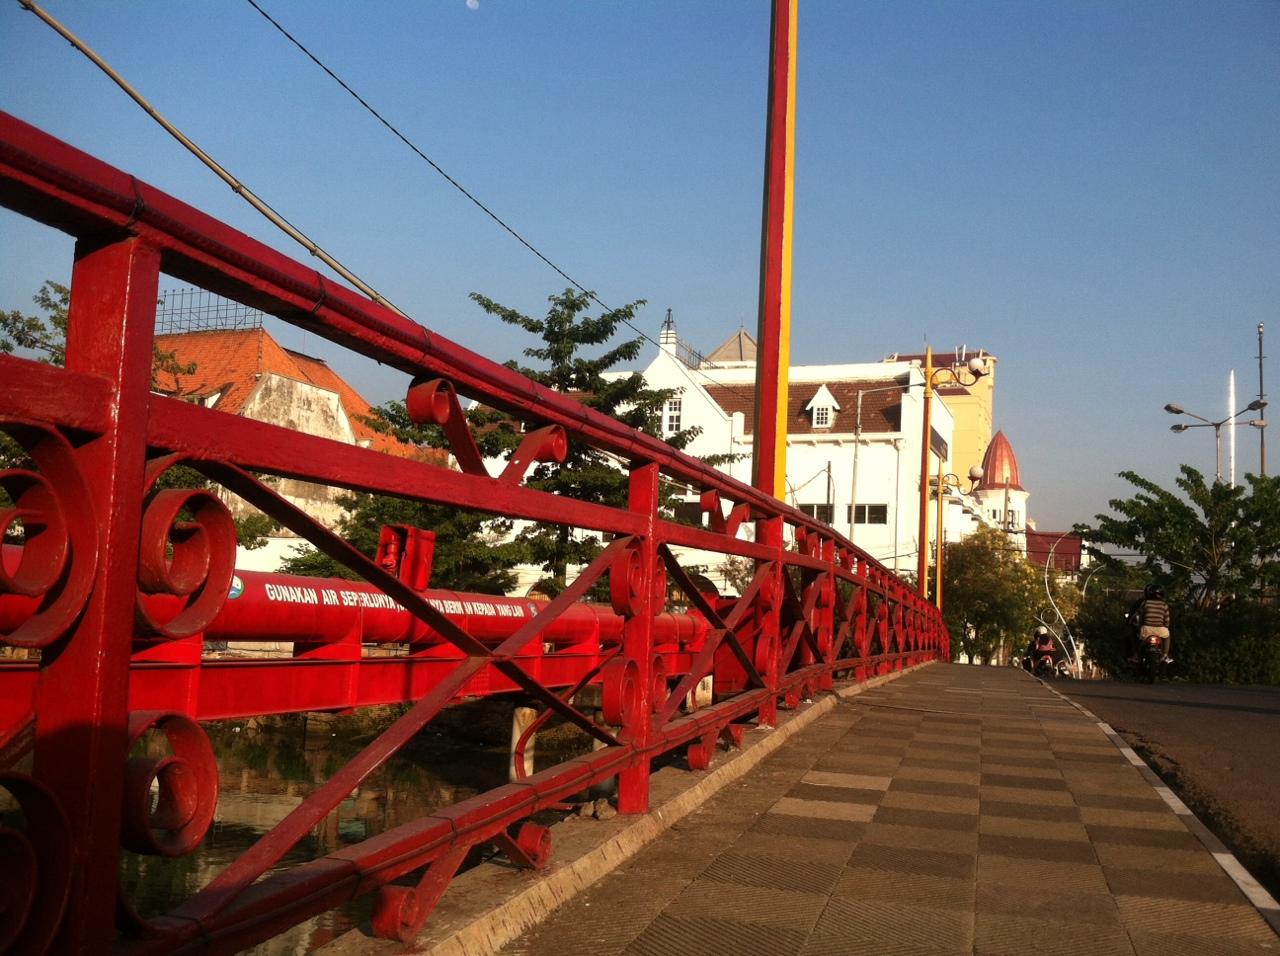 Jembatan Merah Saksi Hidup Perjuangan Pahlawan Surabaya Jawa Timur Wisata